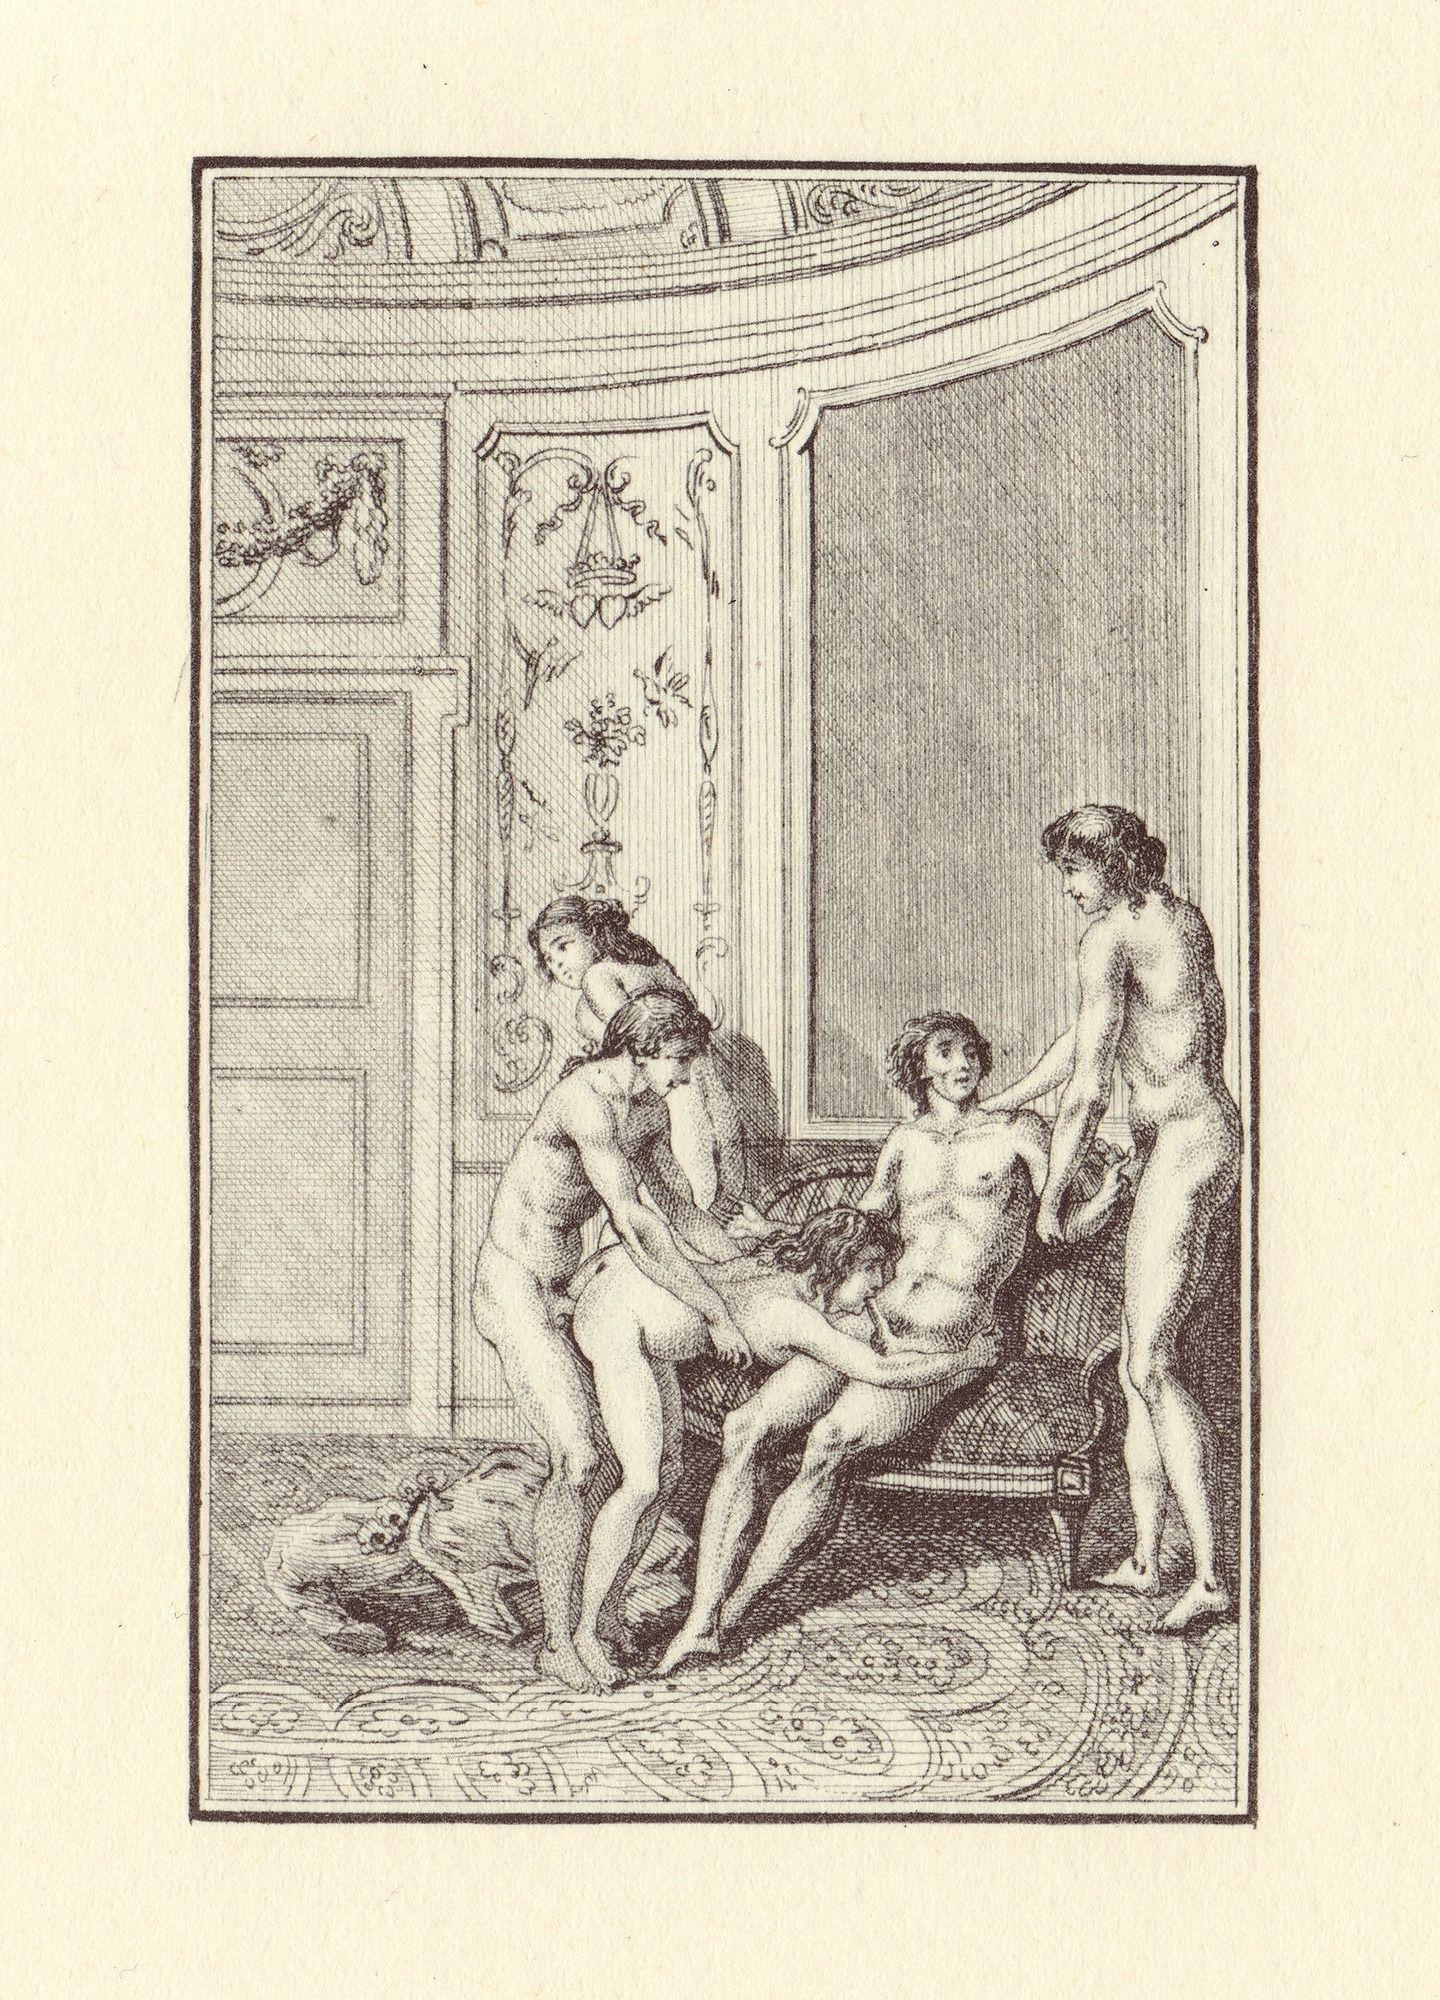 """W pałacowych komnatach i klasztornych refektarzach libertyni urządzali orgie – nierzadko bardzo brutalne. Na zdjęciu ilustracja do książki markiza de Sade pod tytułem """"Justyna czyli niedole cnoty"""" z 1797 roku."""